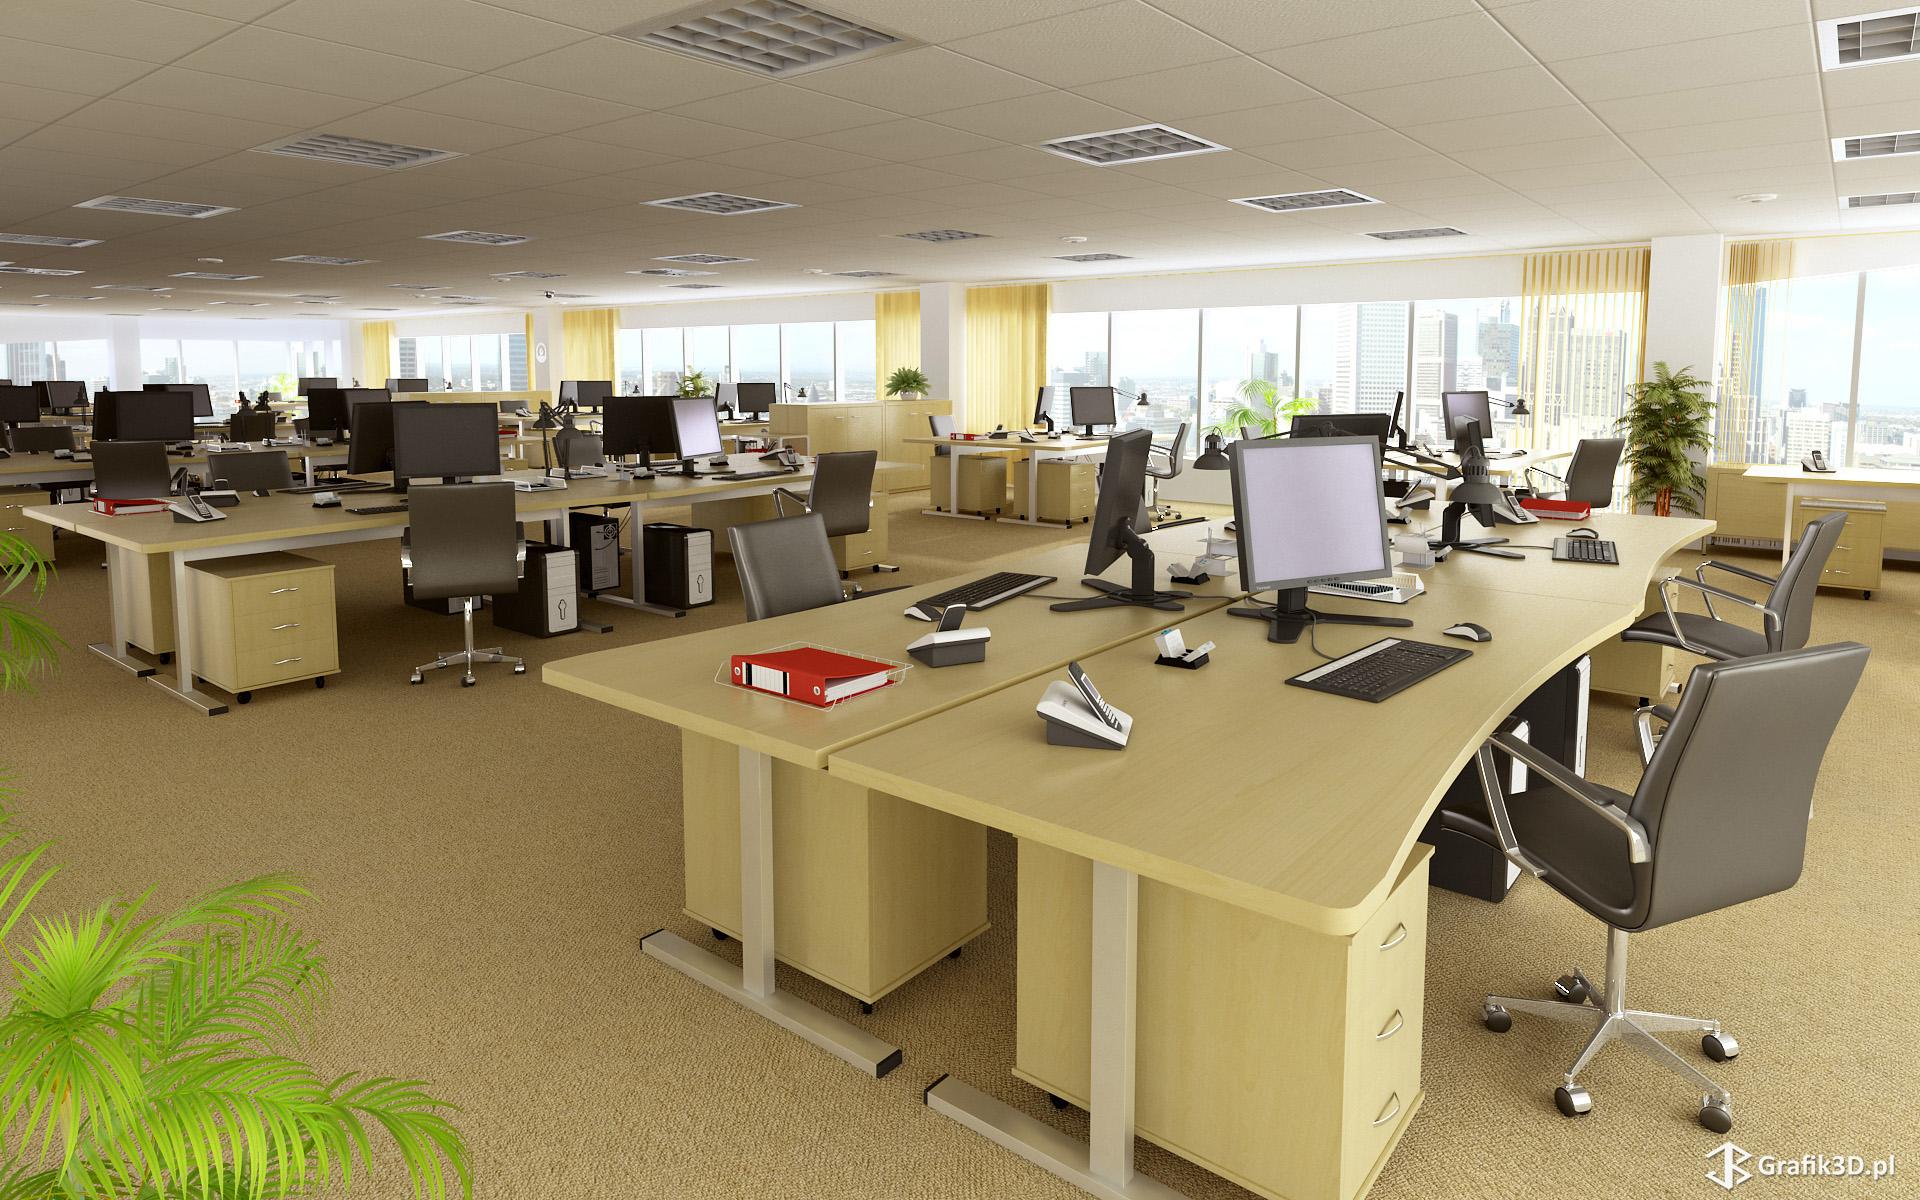 Wizualizacja 3d wnętrza biura interior